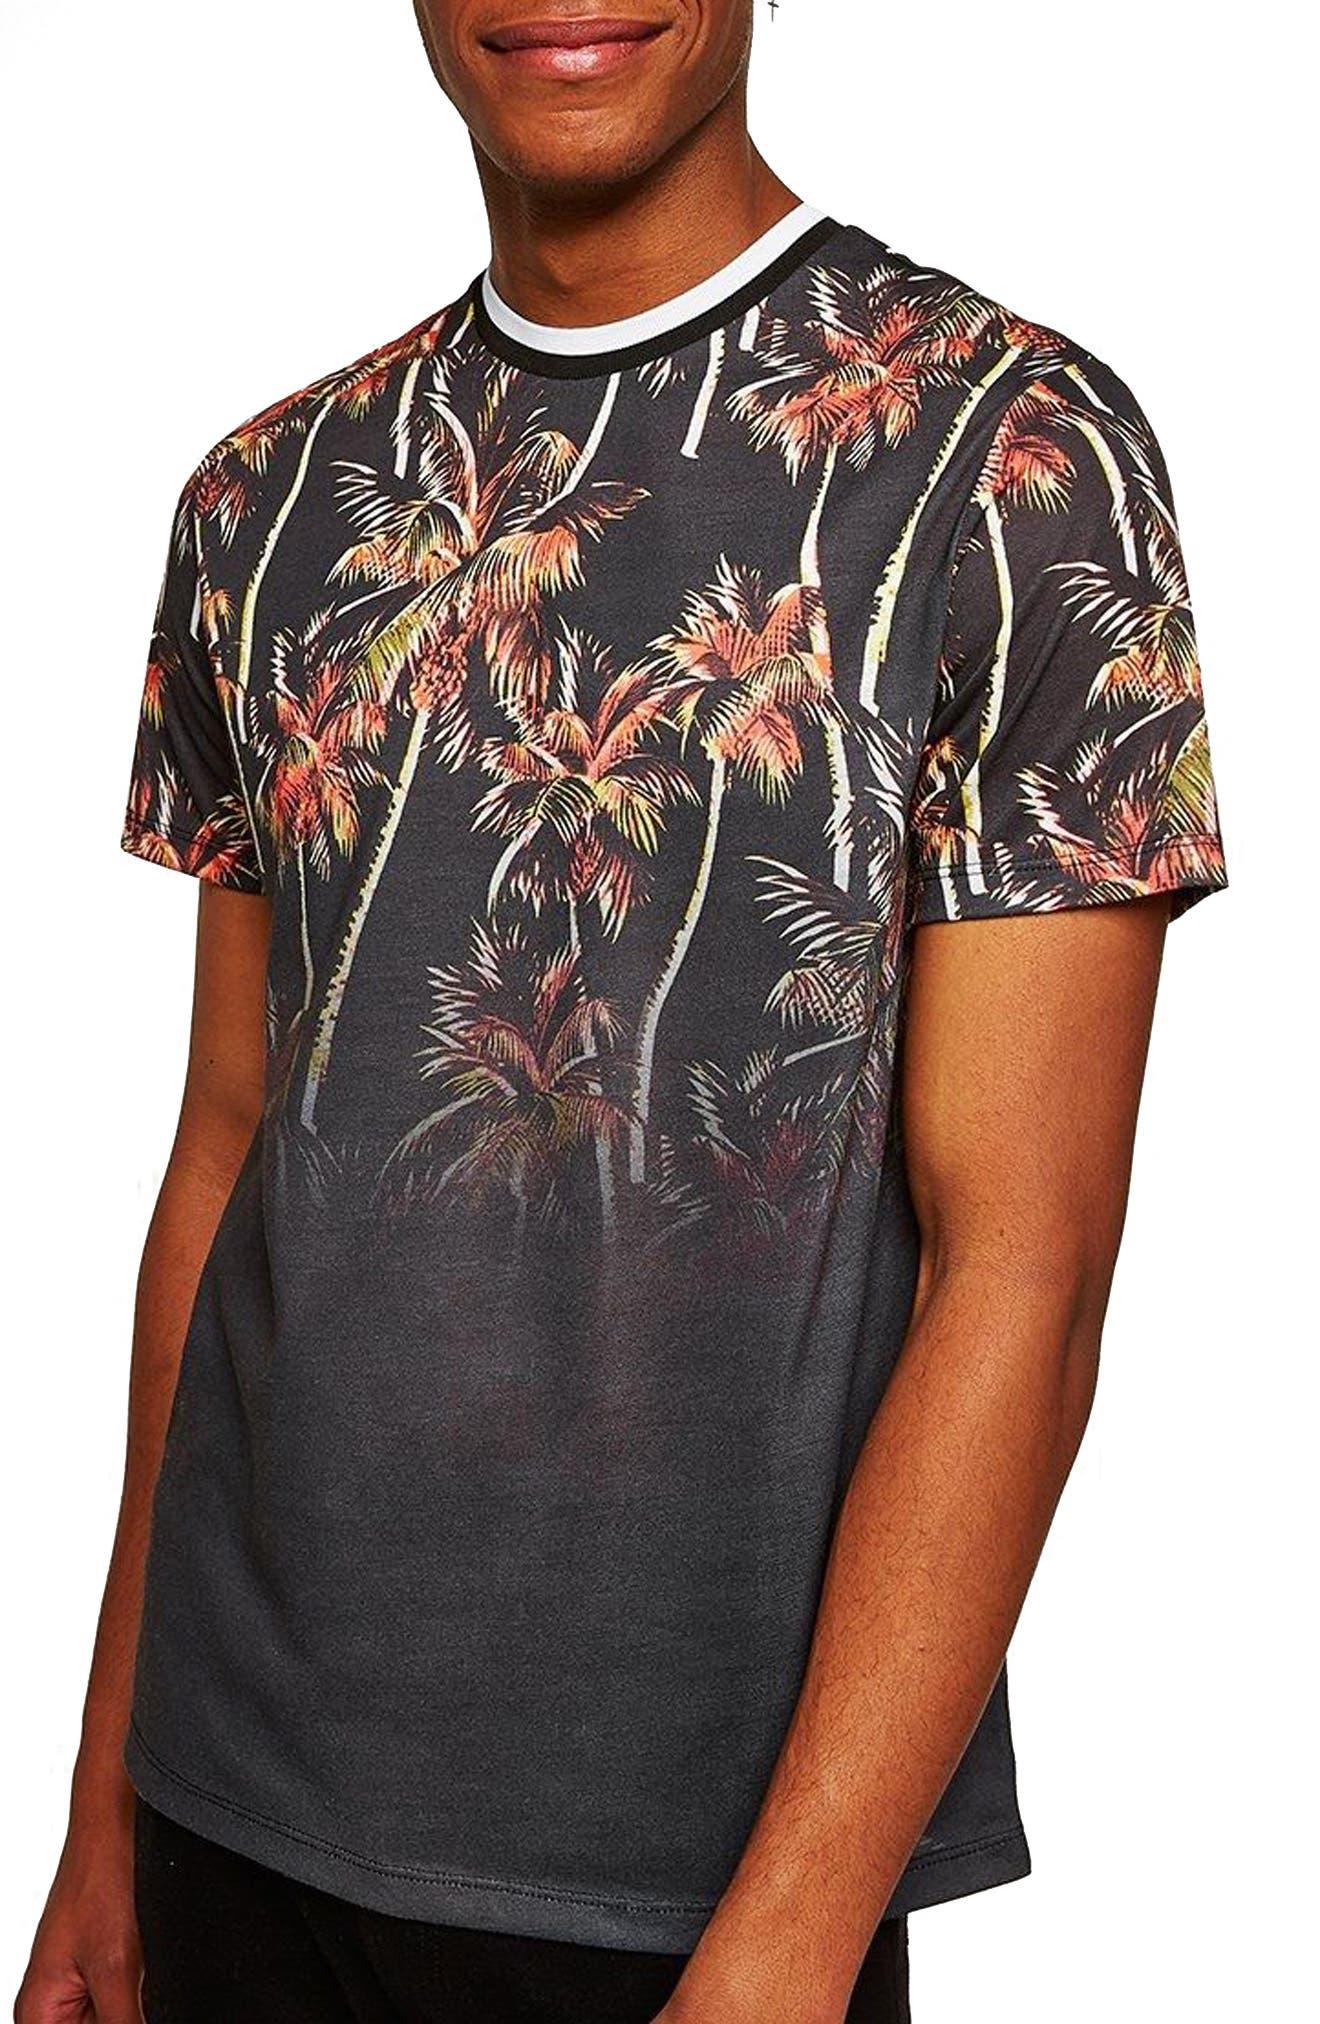 Palm Tree Print T-Shirt,                             Main thumbnail 1, color,                             Black Multi